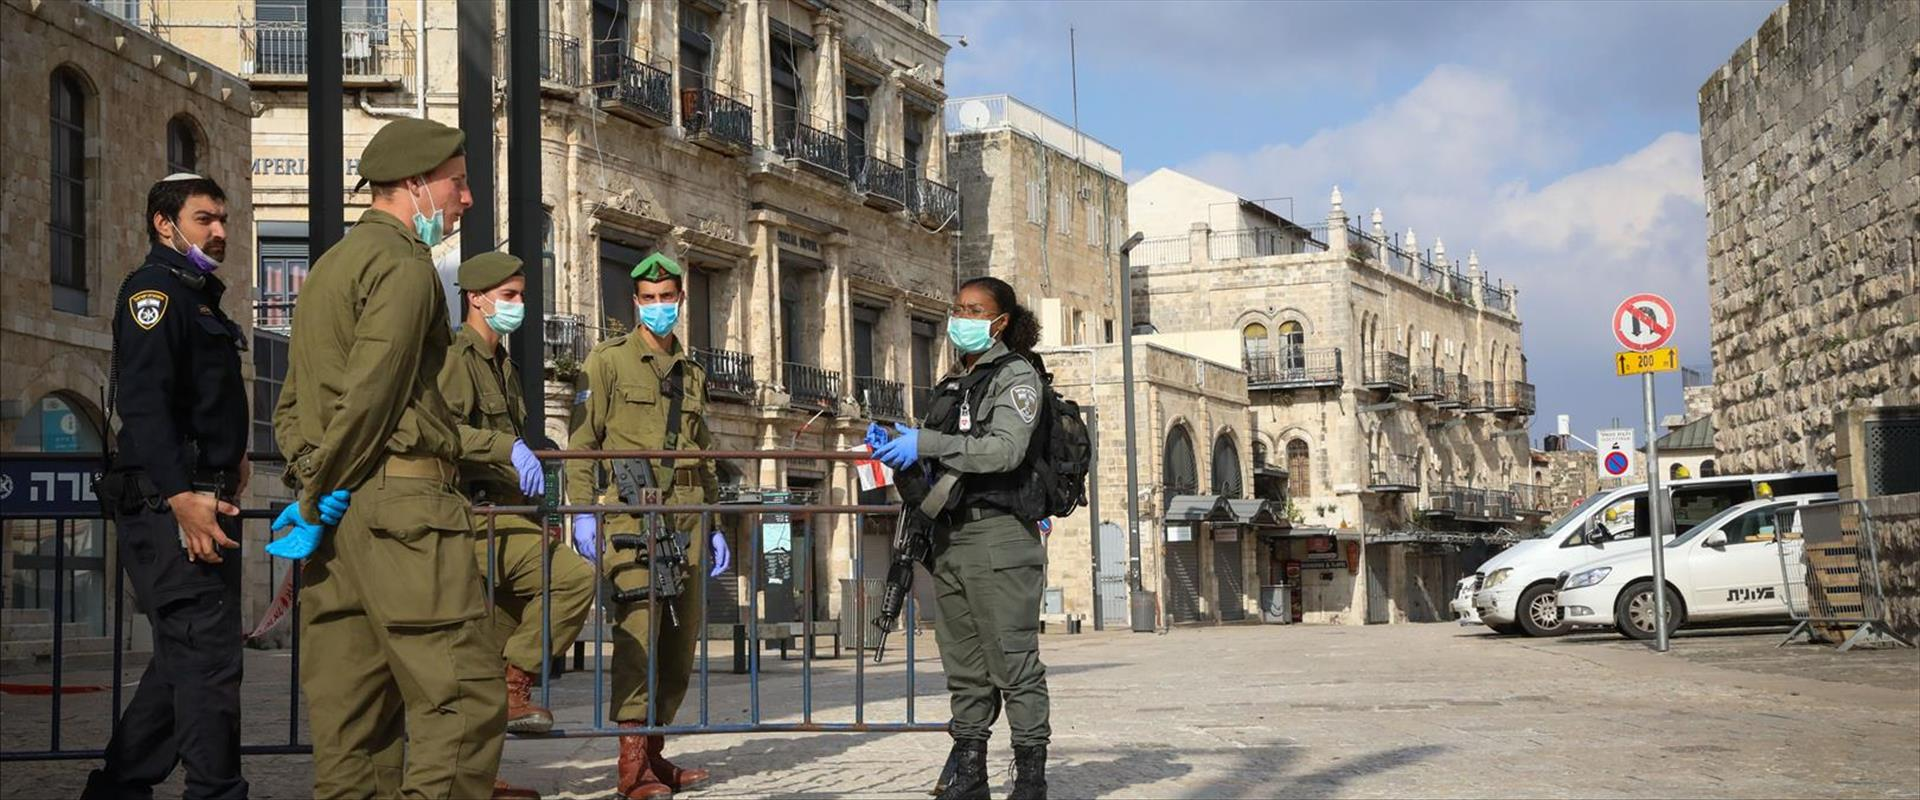 משבר קורונה, הסגר בירושלים